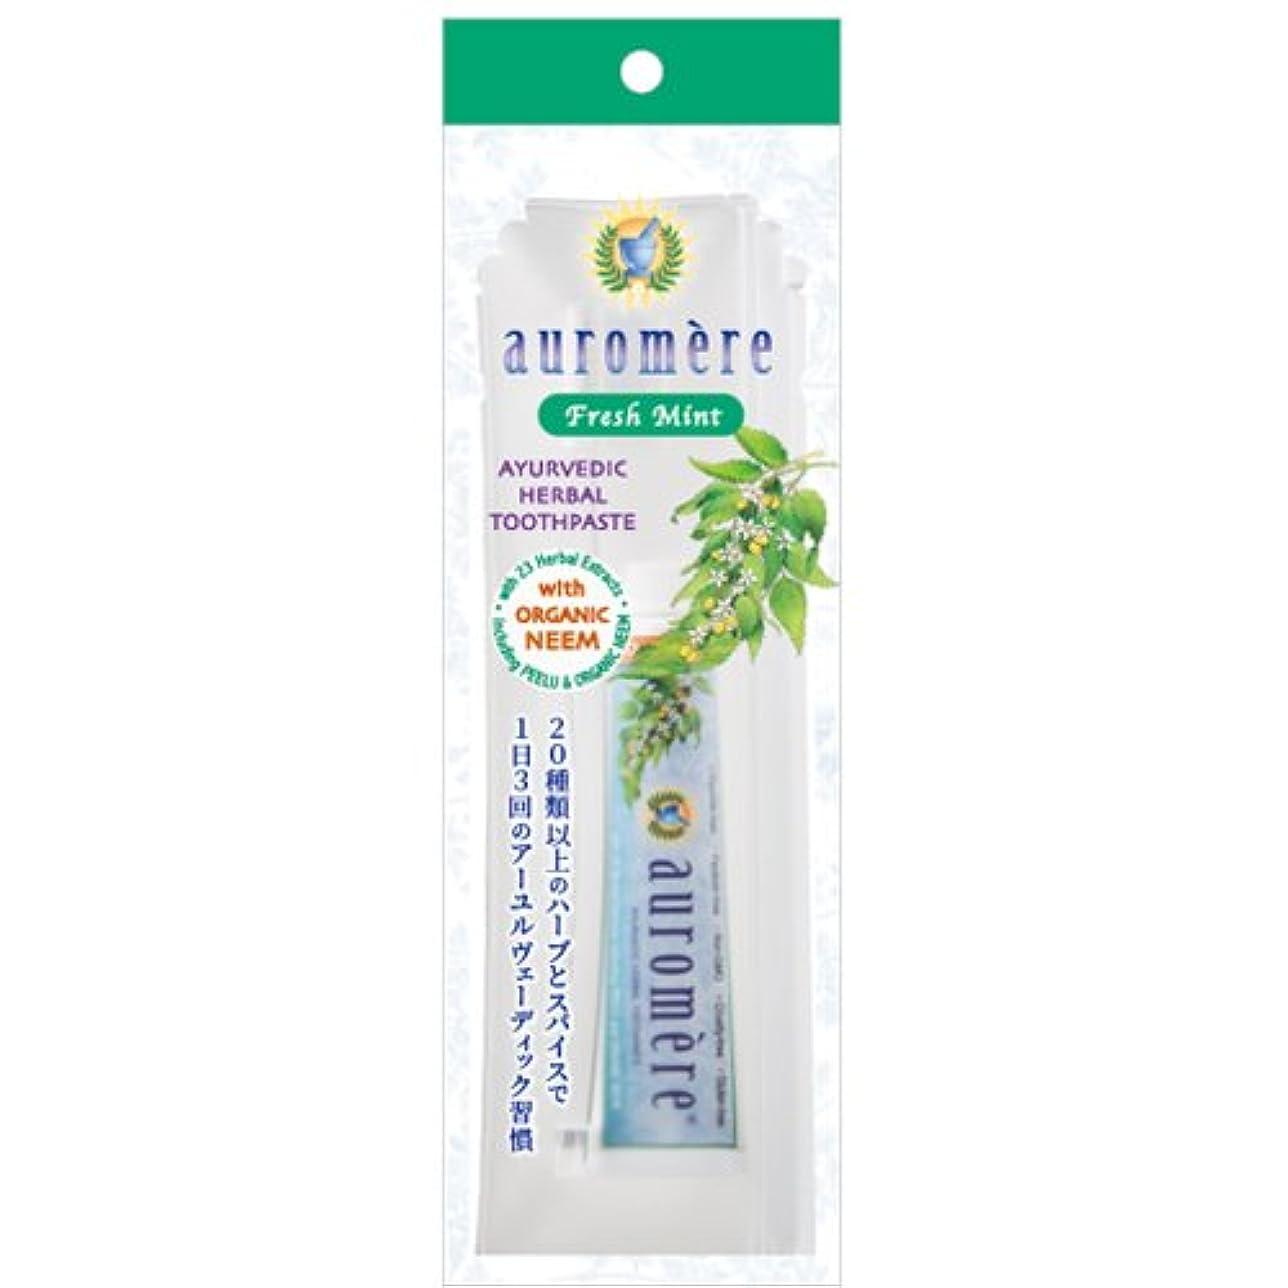 予防接種ウェイド浸食オーロメア 歯磨き粉 フレッシュミント トラベルセット (30g)